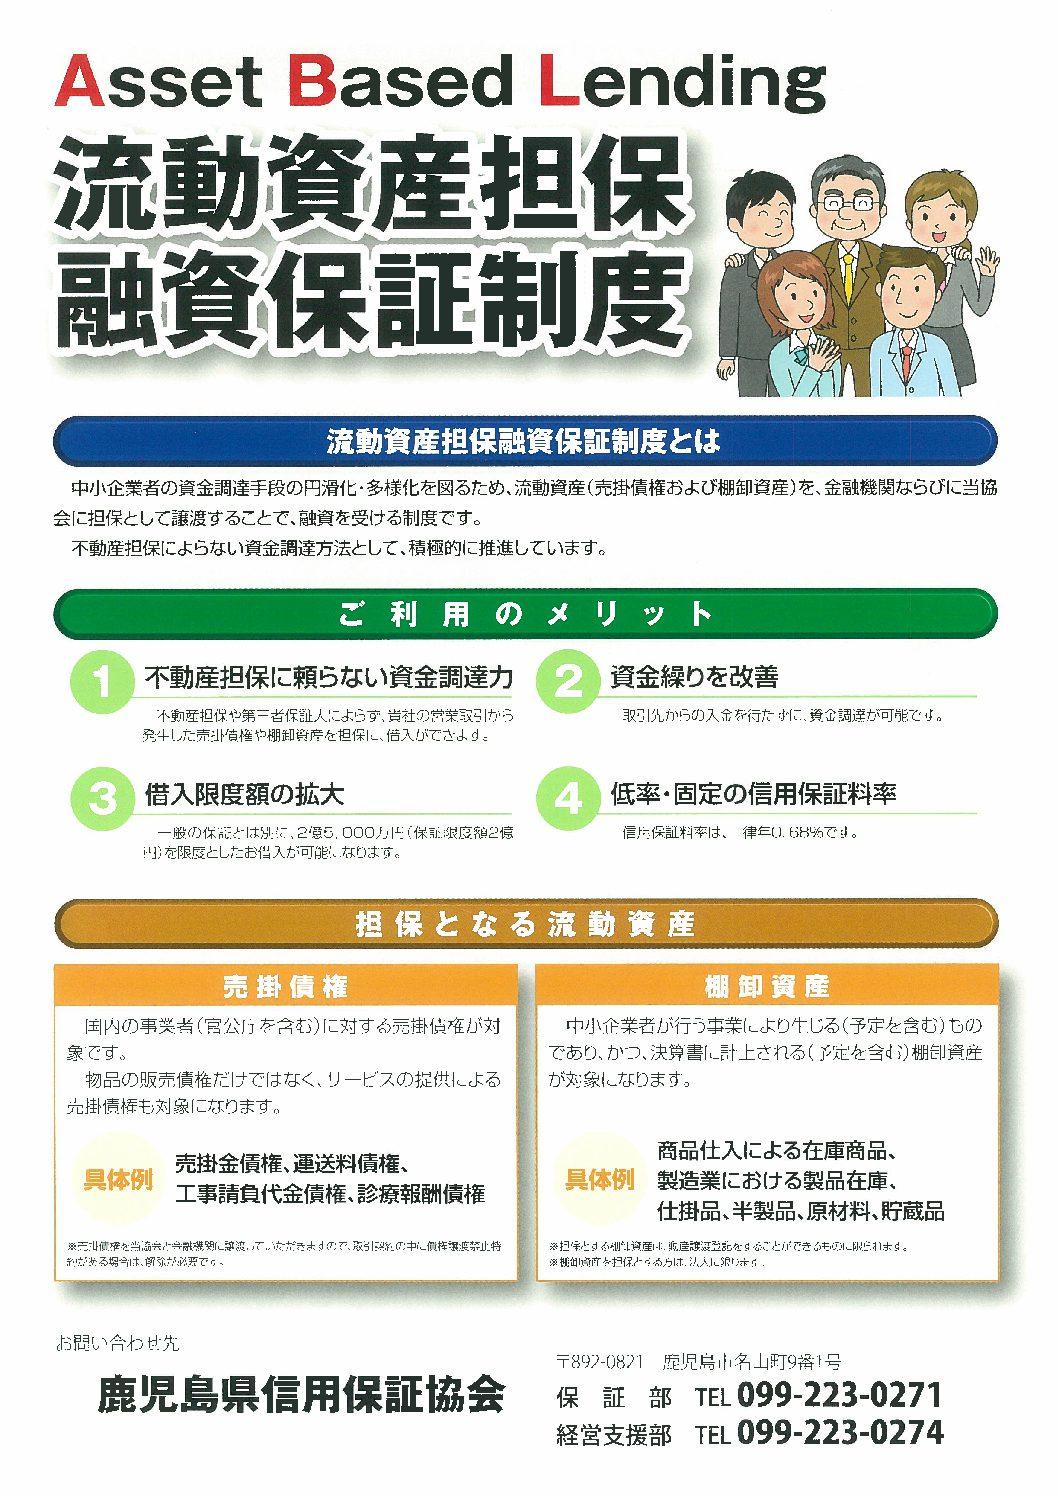 ABL保証(流動資産担保融資保証)